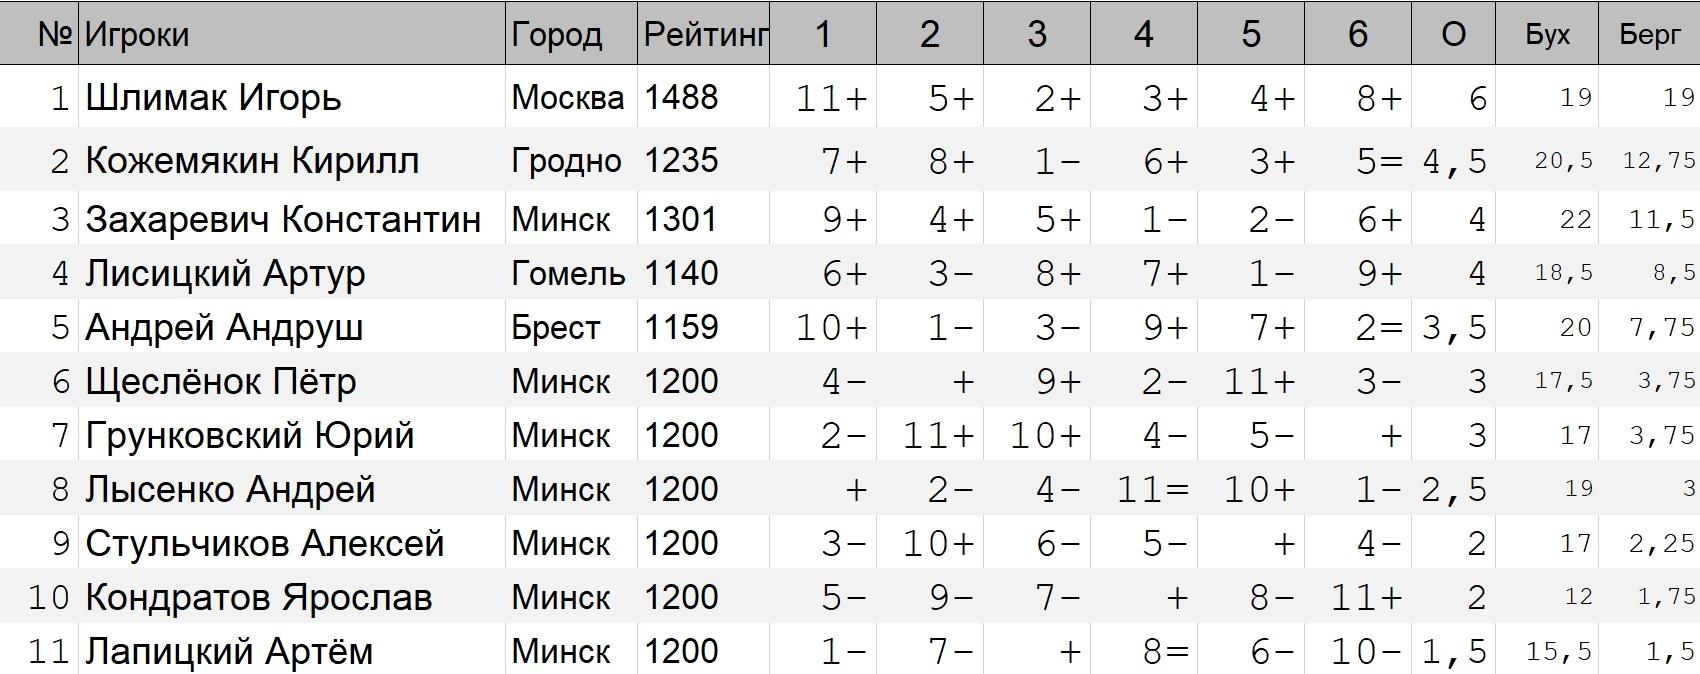 Итоговая таблица ОЧБ'19